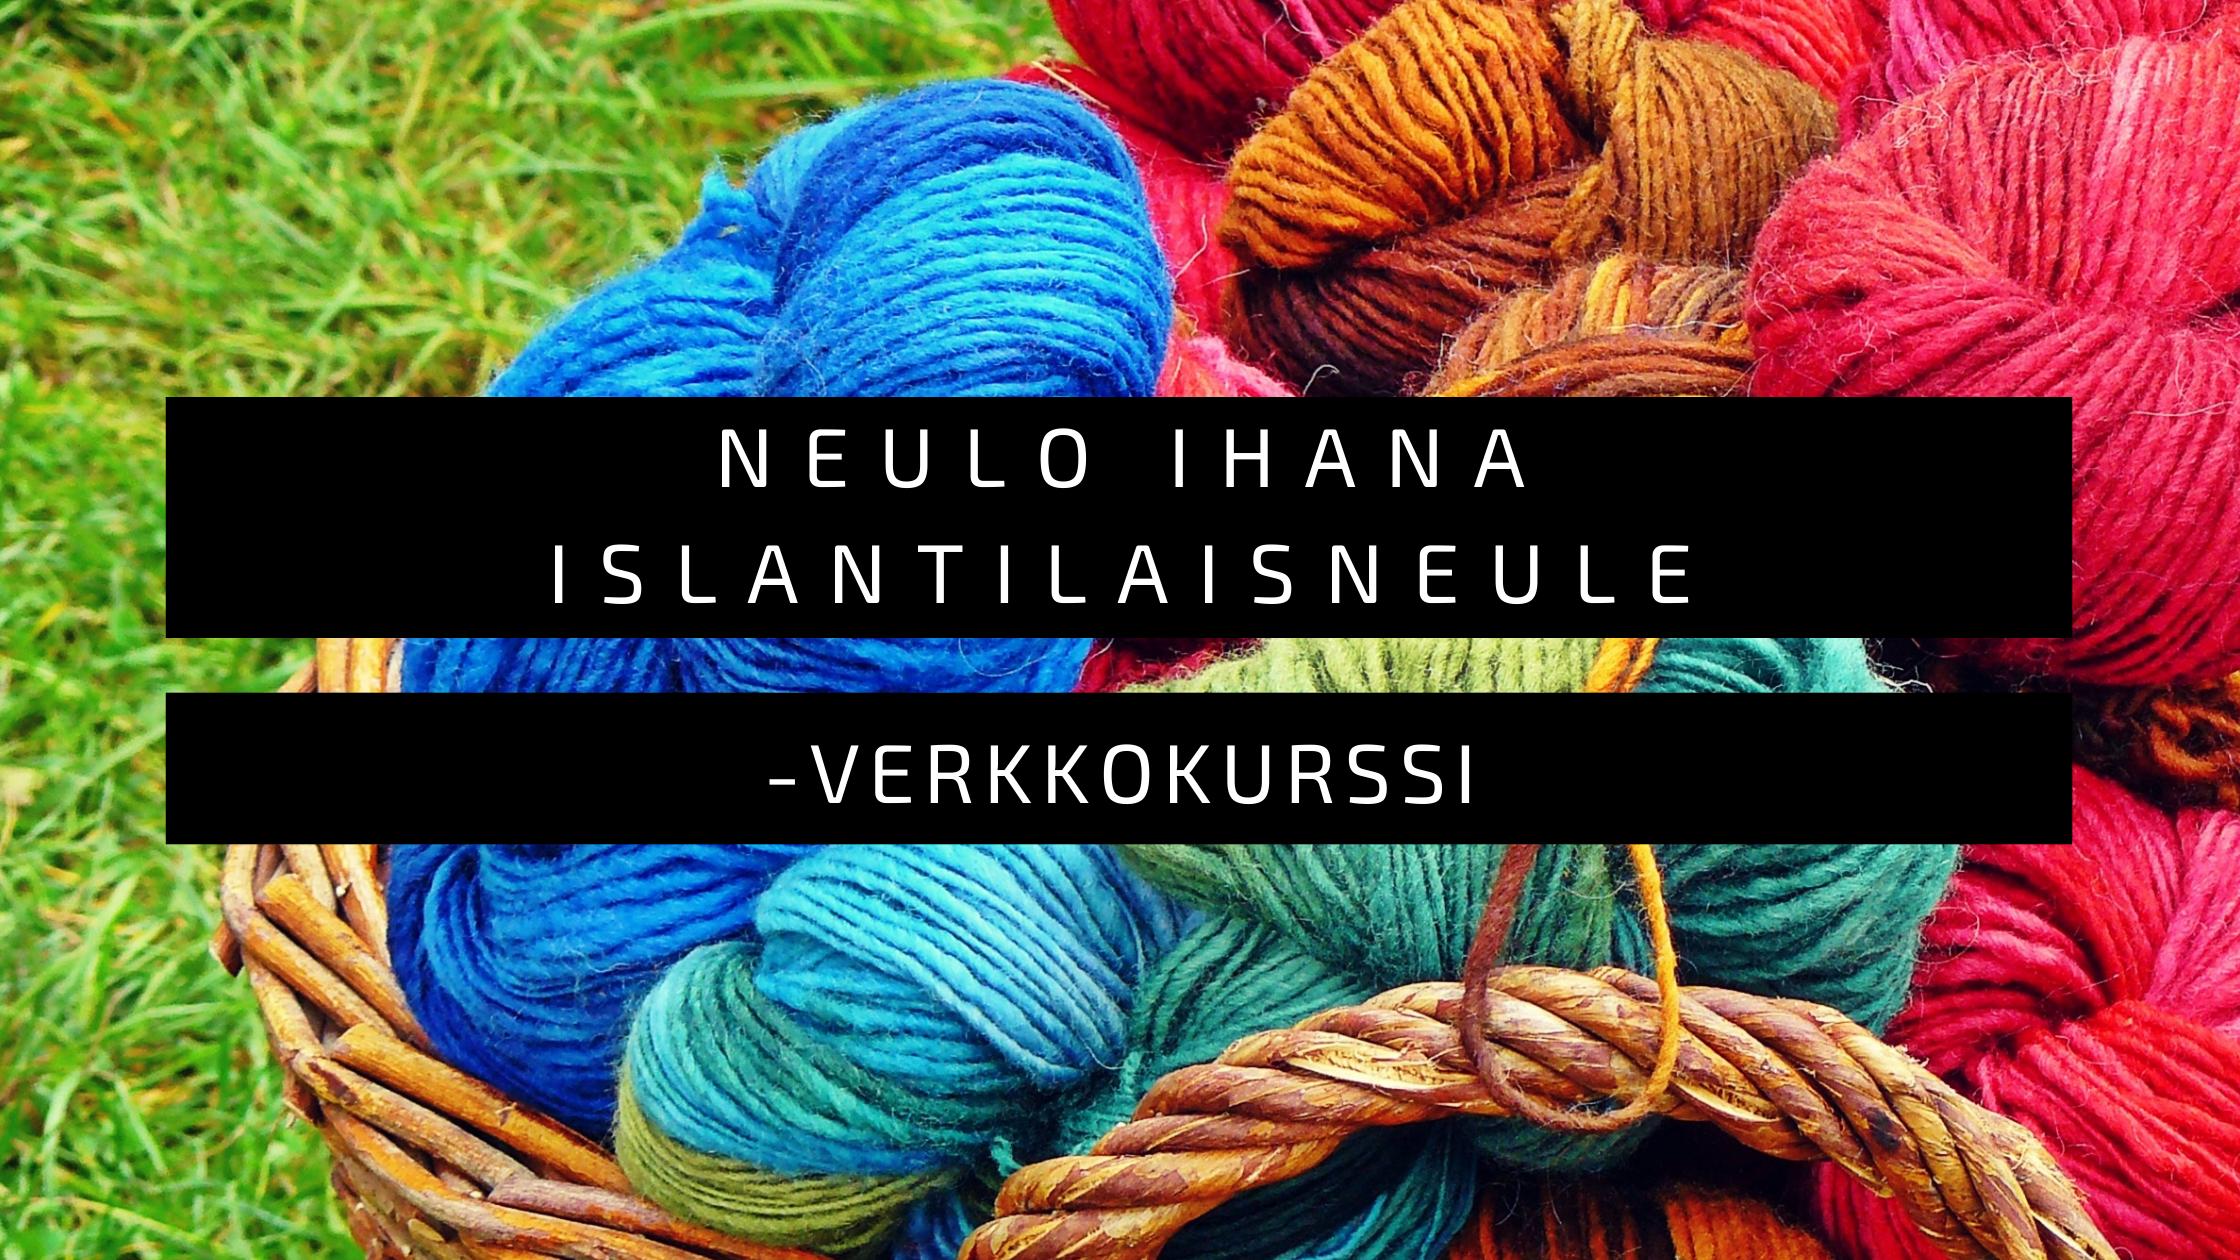 Islantilaisneule